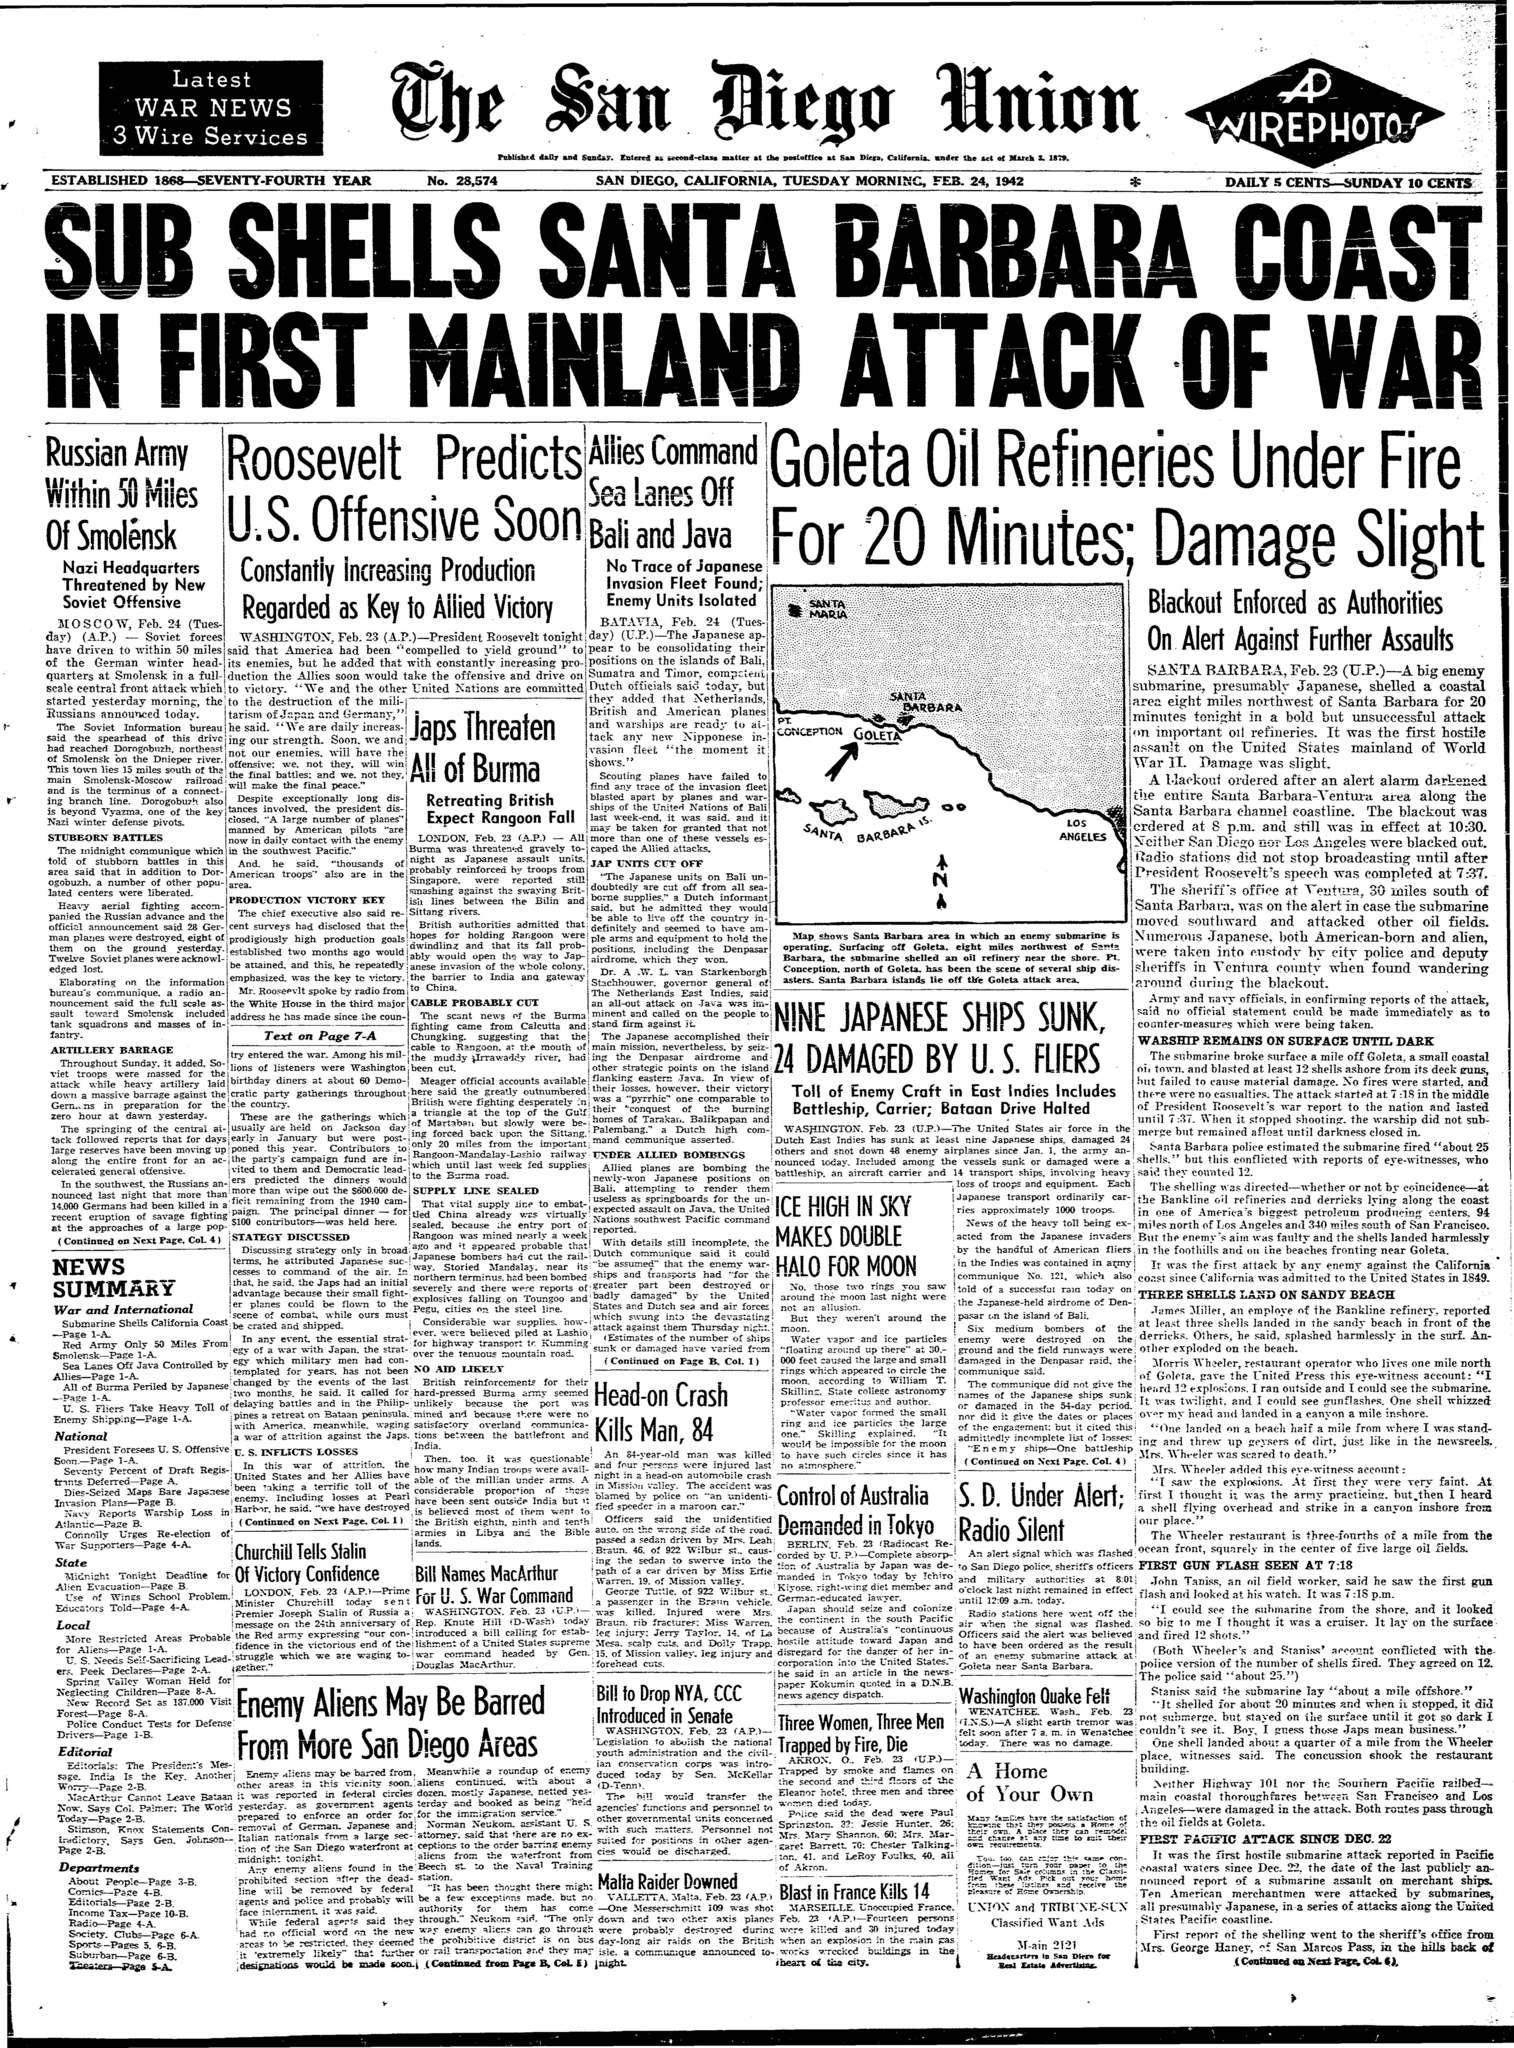 February 24, 1942